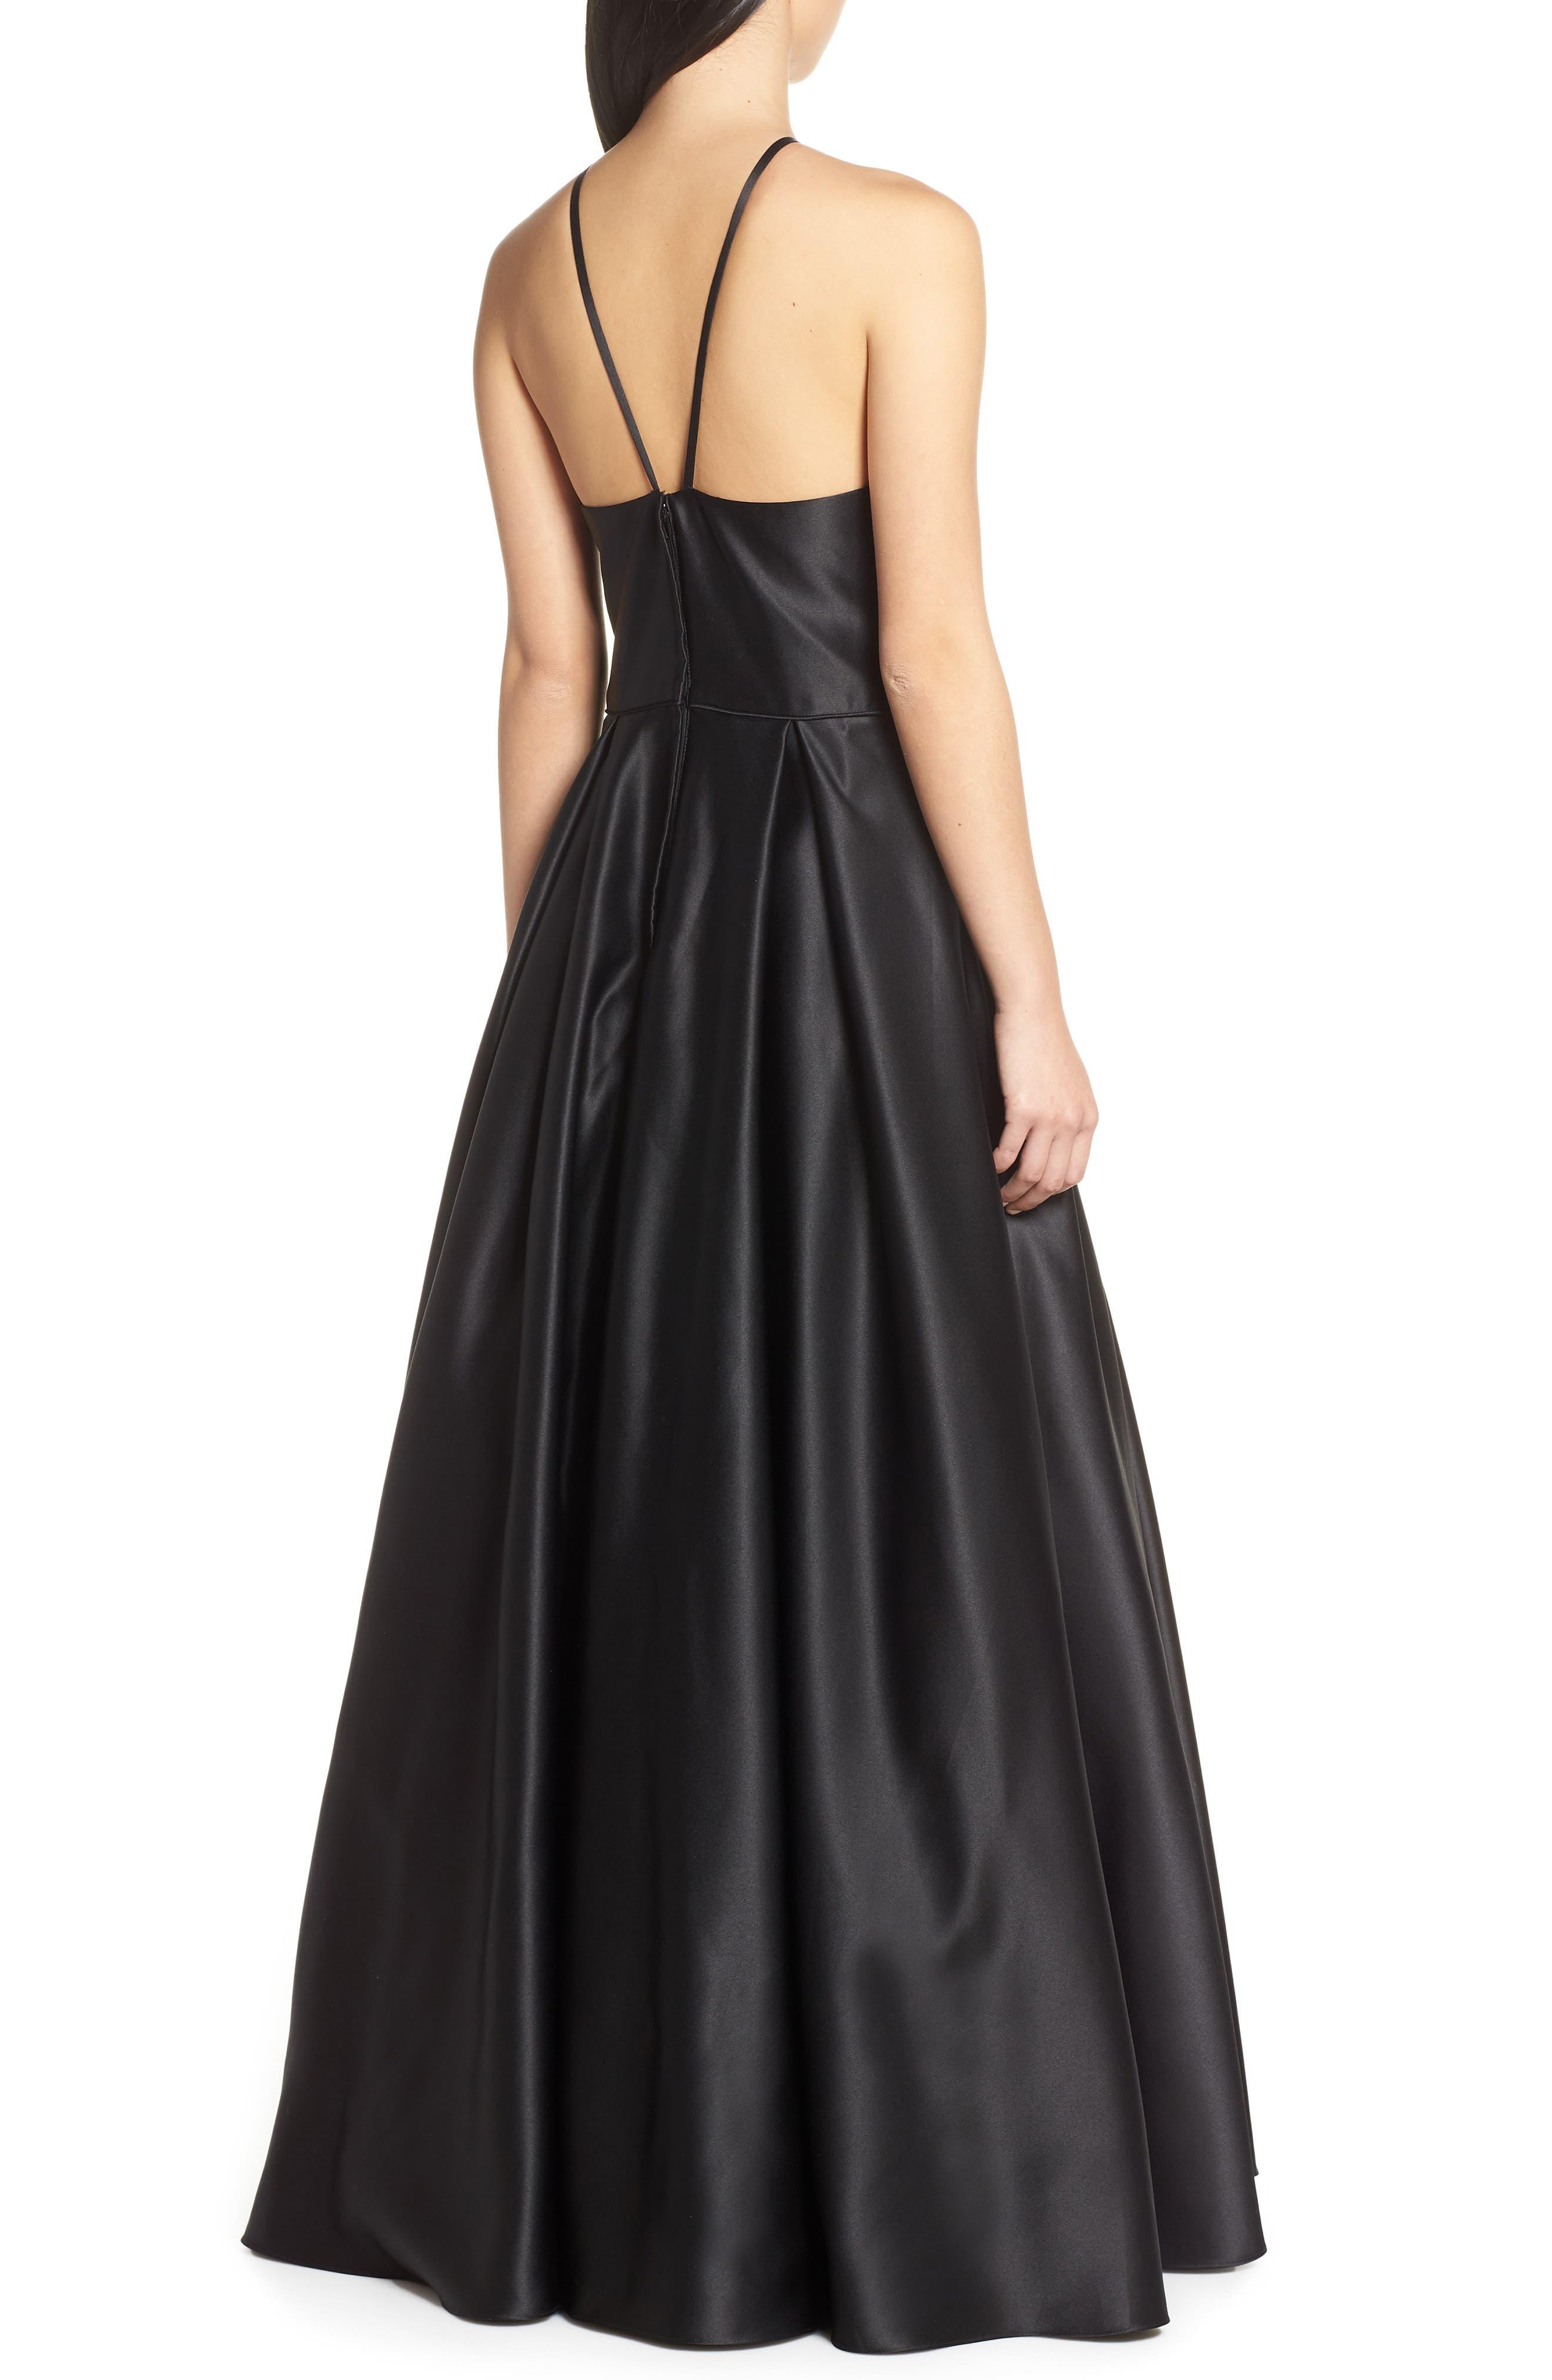 BLONDIE NITES, Halter Neck Embellished Pocket Satin Evening Dress, Alternate thumbnail 2, color, BLACK/ GOLD